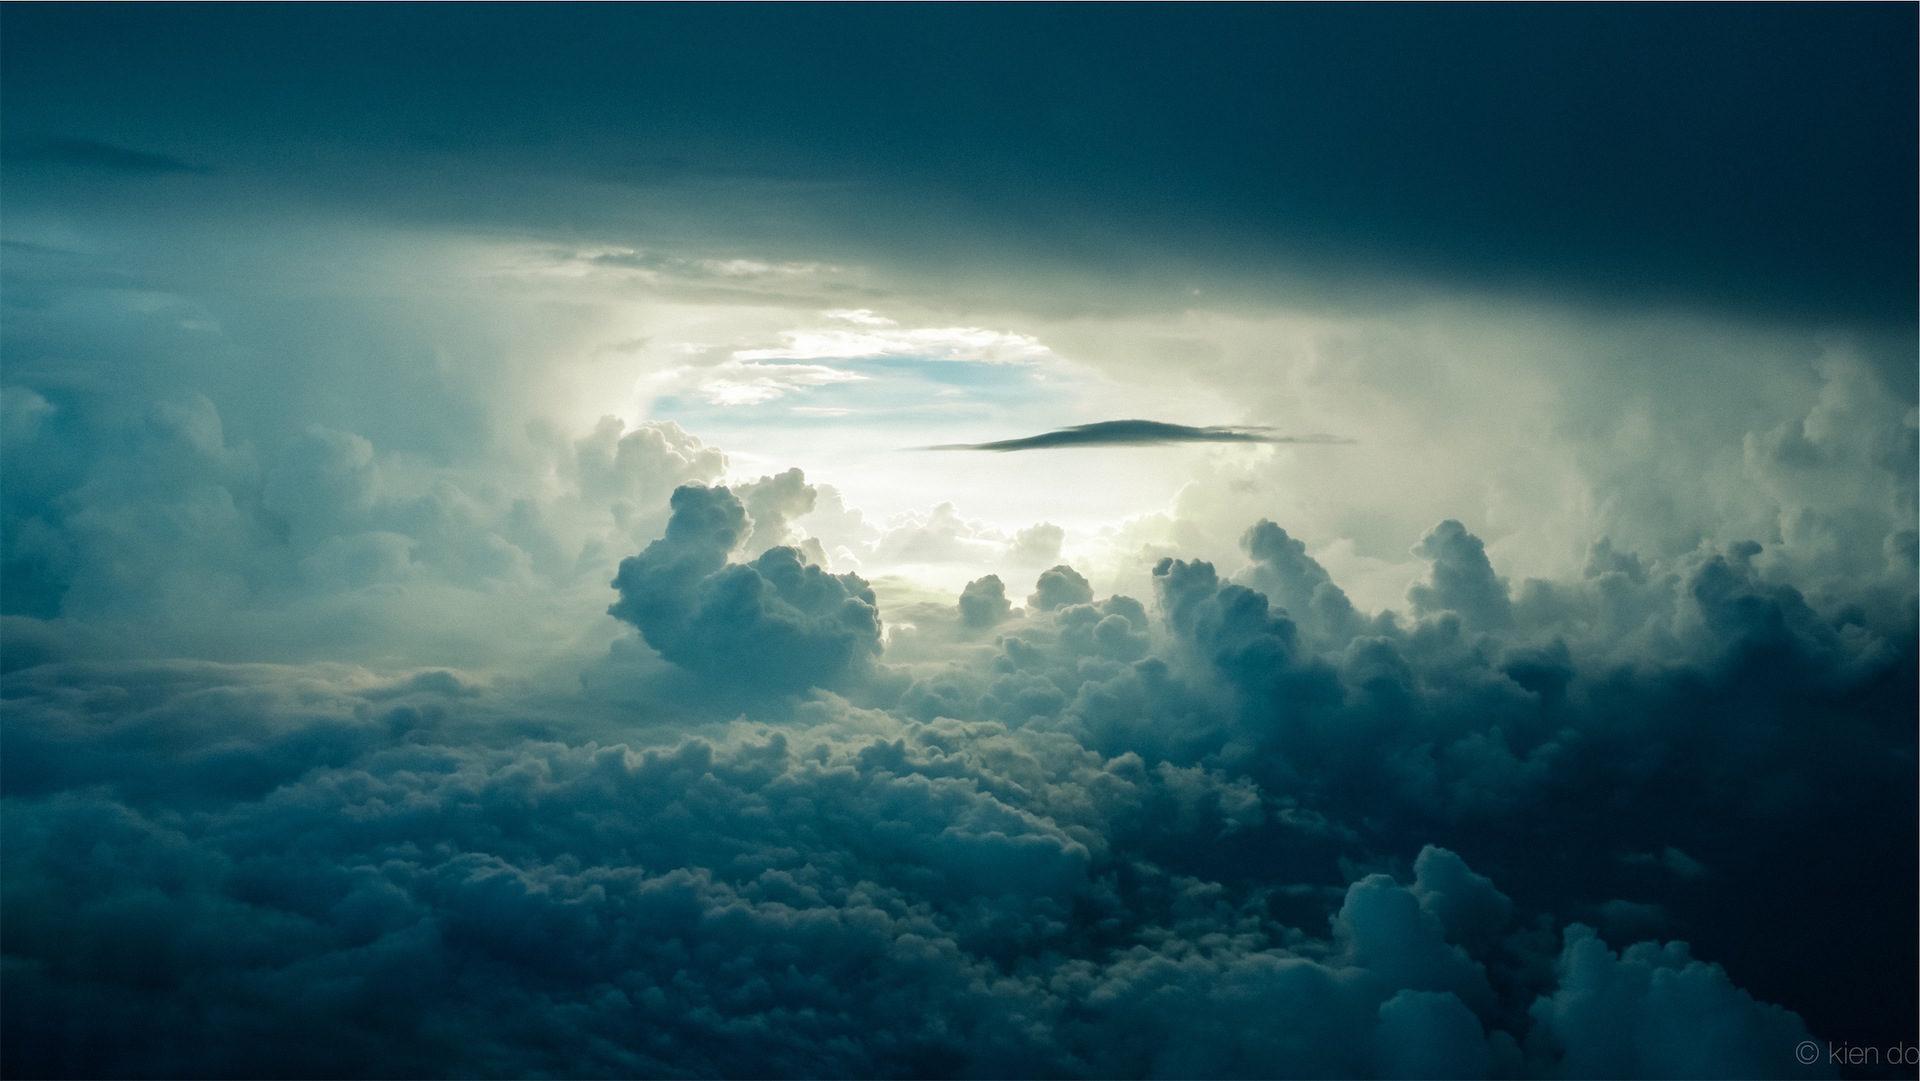 बादल, आकाश, रूपों, बेशक, प्रकाश - HD वॉलपेपर - प्रोफेसर-falken.com